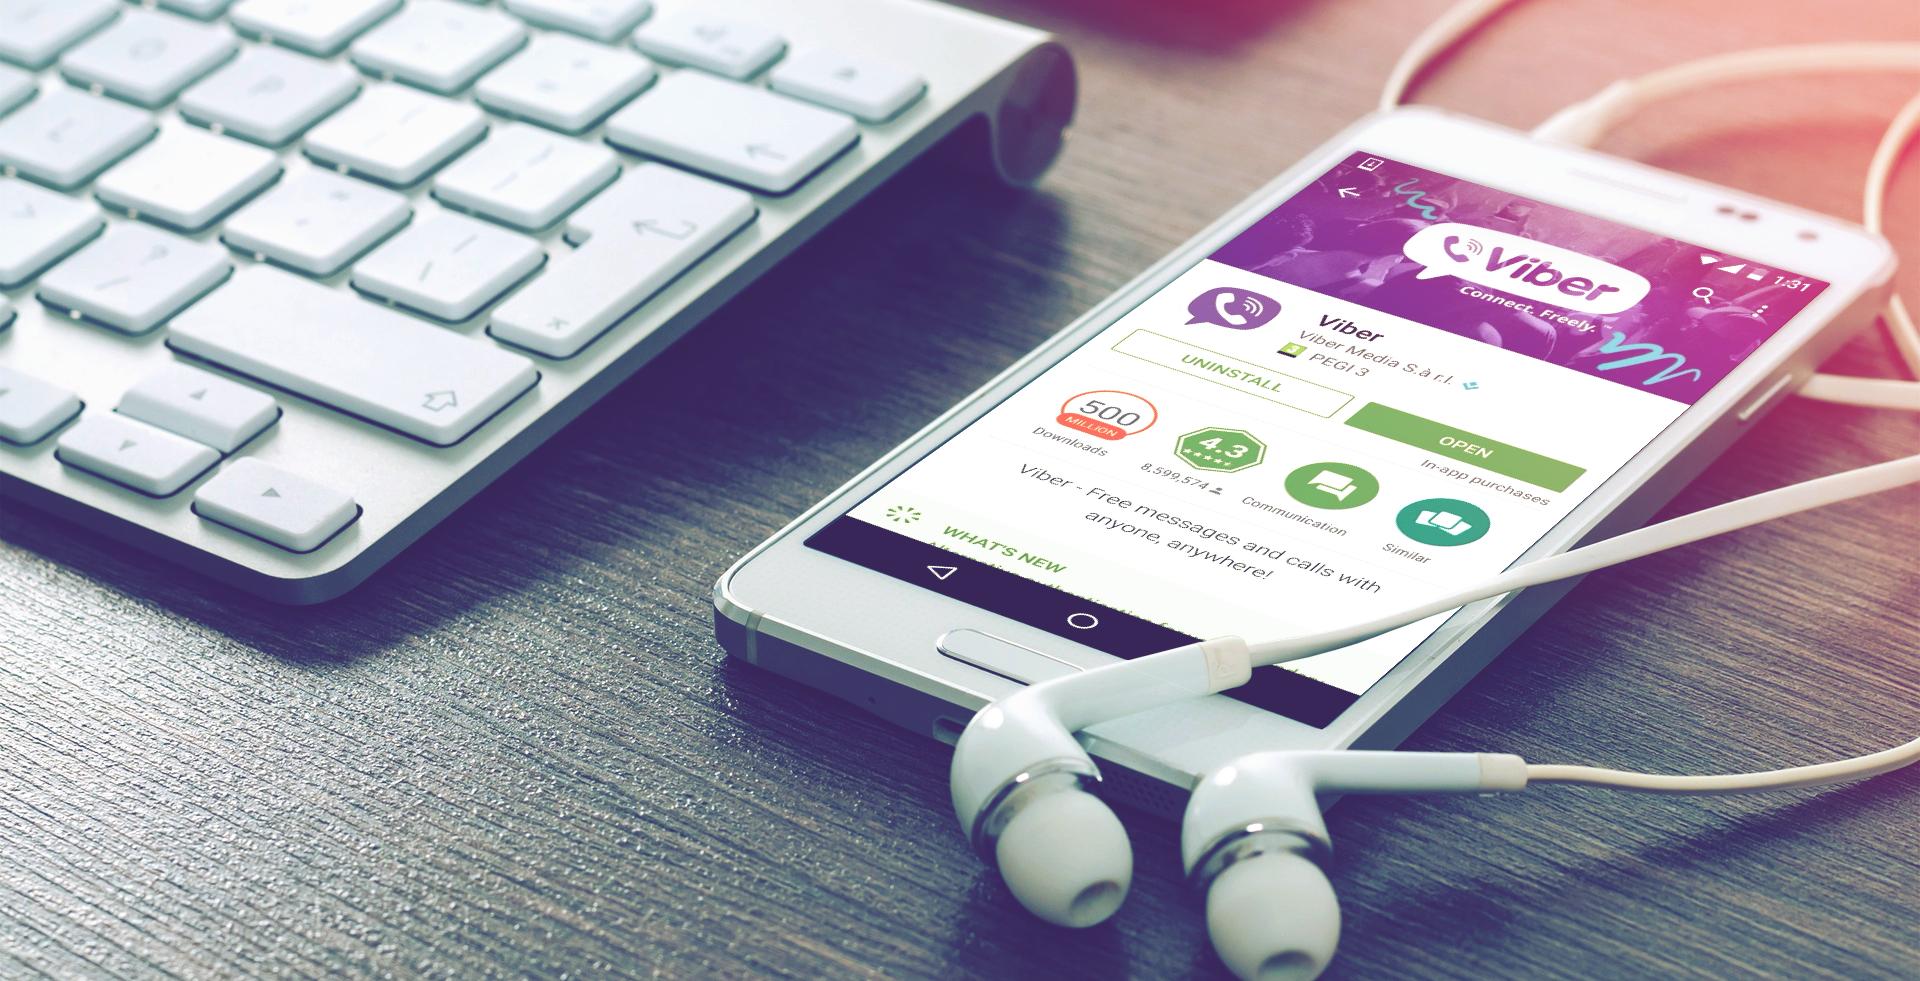 Роскомнадзор может заблокировать не только Telegram, но и Viber